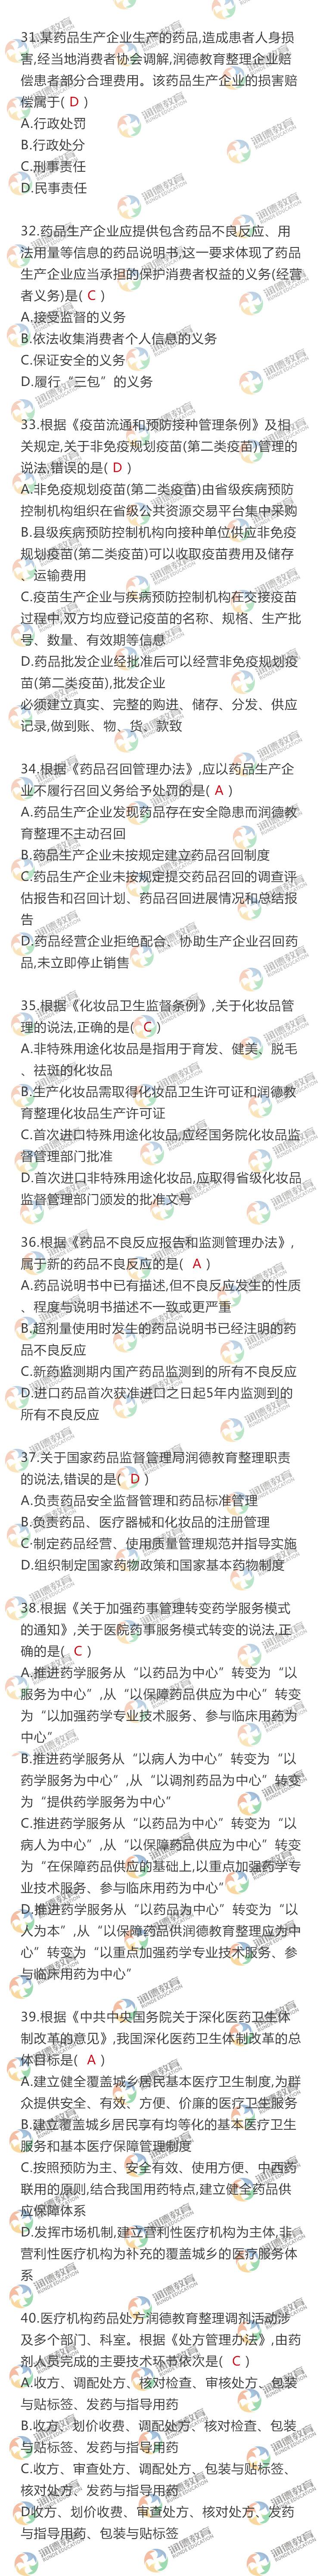 法规31-40.jpg